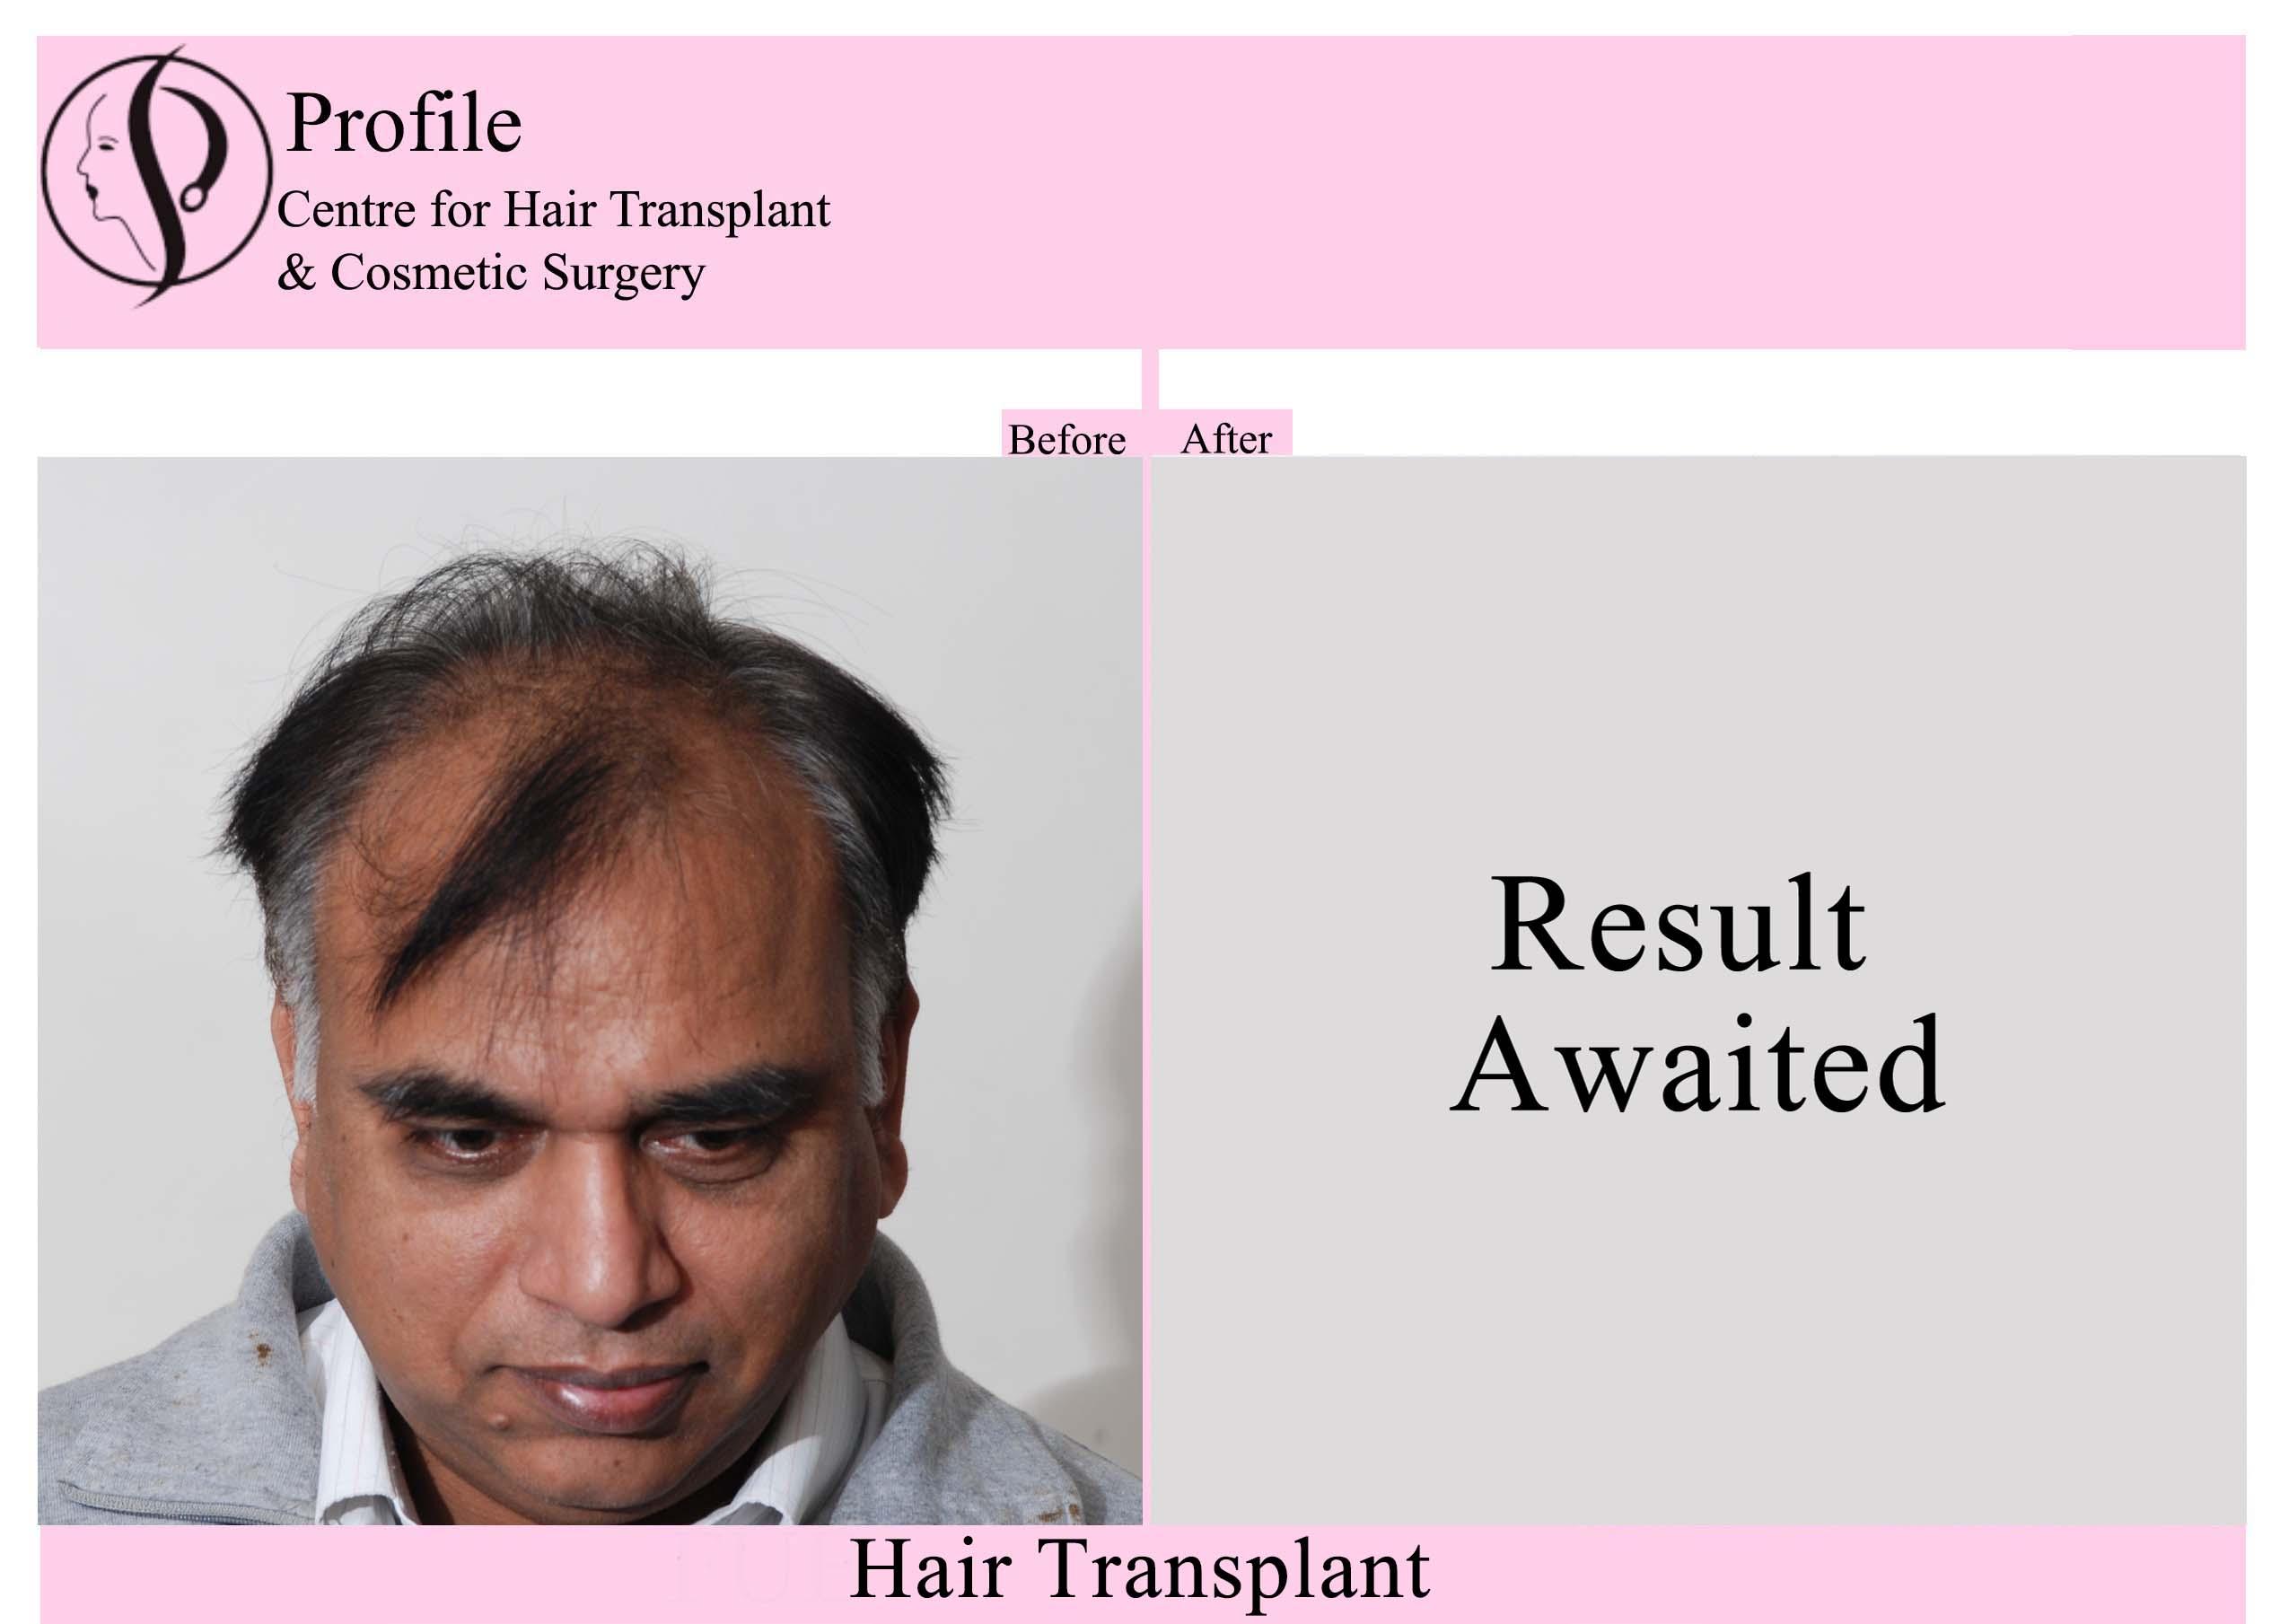 Dr. Rajesh Arya